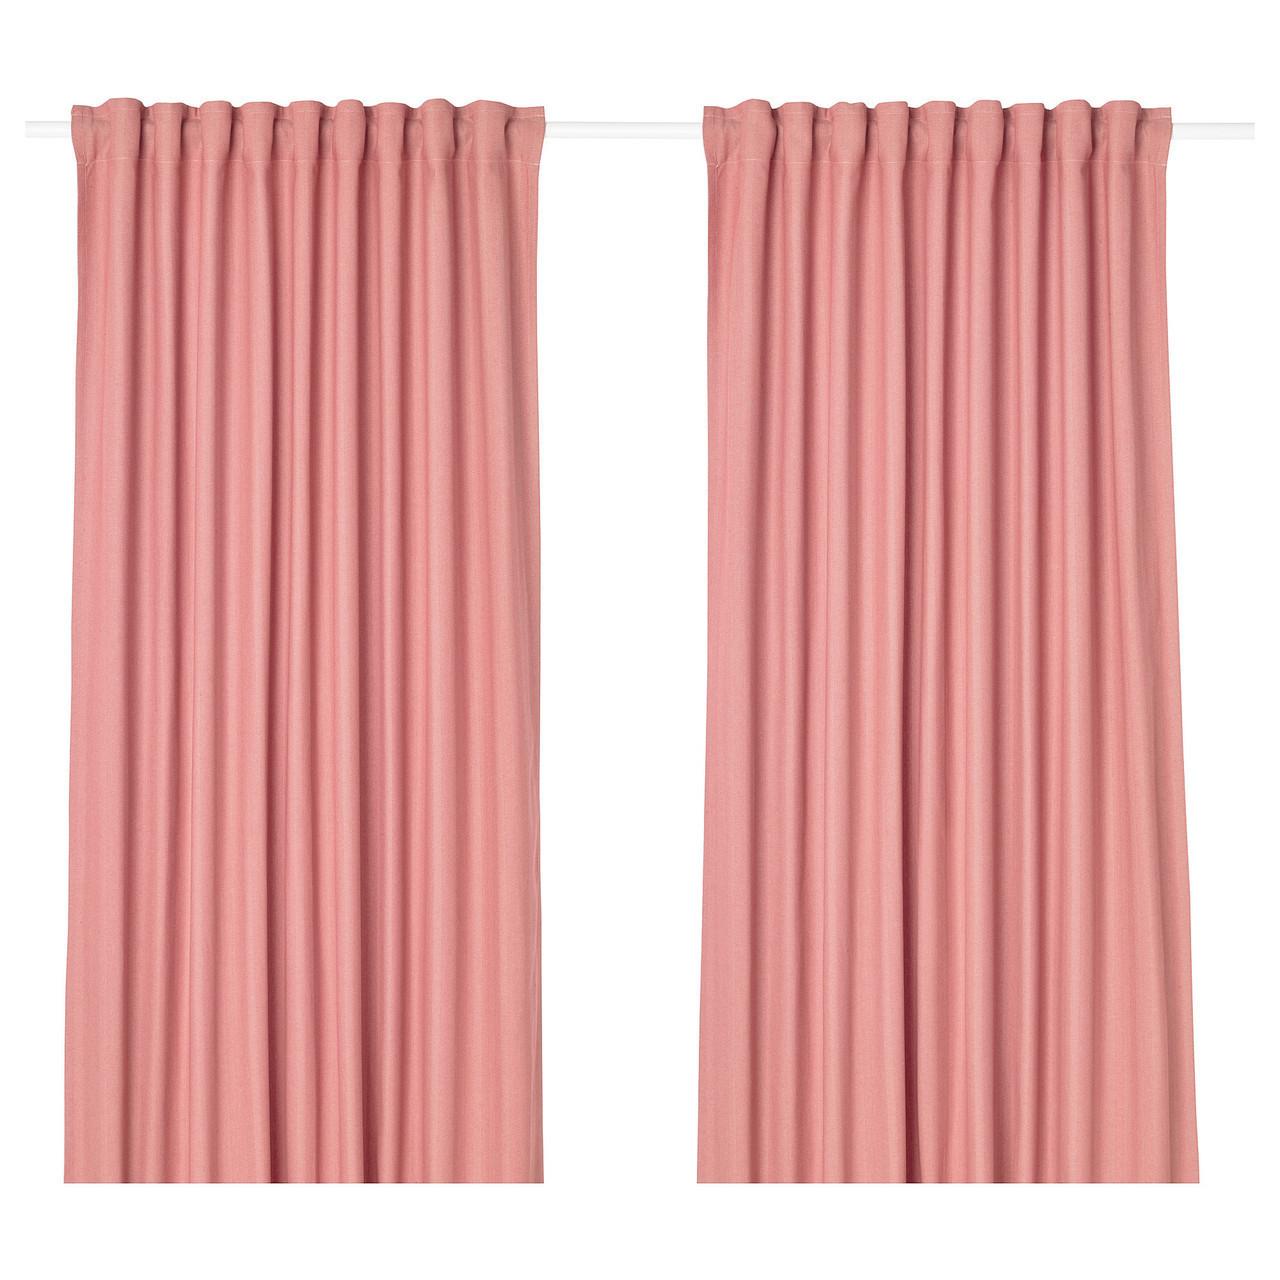 Гардины IKEA TIBAST 145x300 см 2 шт розовые 403.967.54